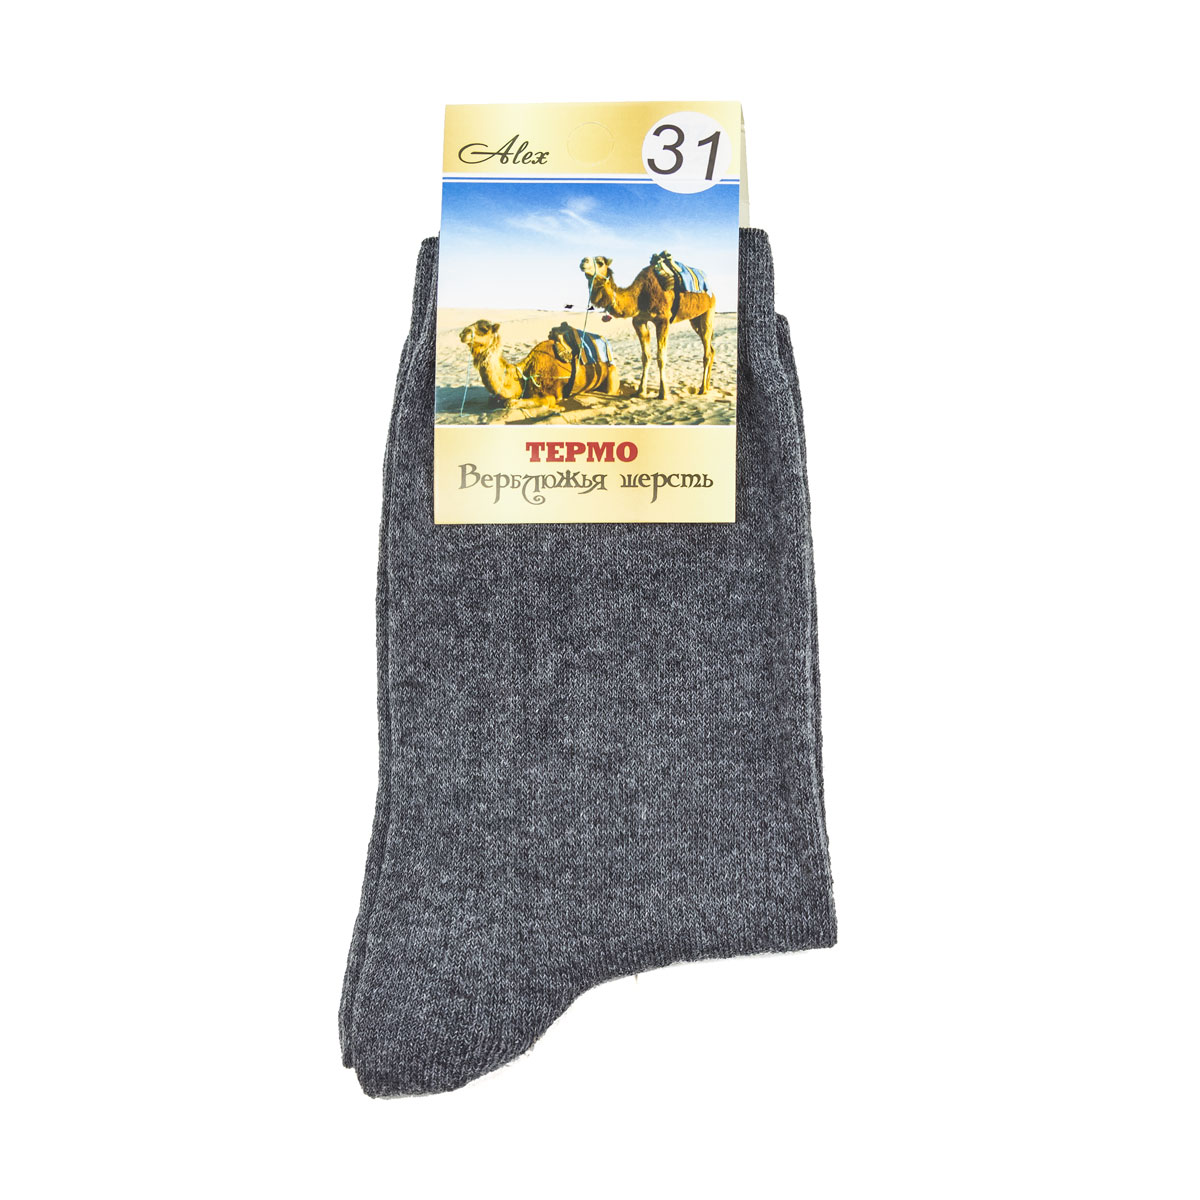 Муж. носки Термо р. 43-44Носки<br><br><br>Тип: Муж. носки<br>Размер: 43-44<br>Материал: Верблюжья шерсть